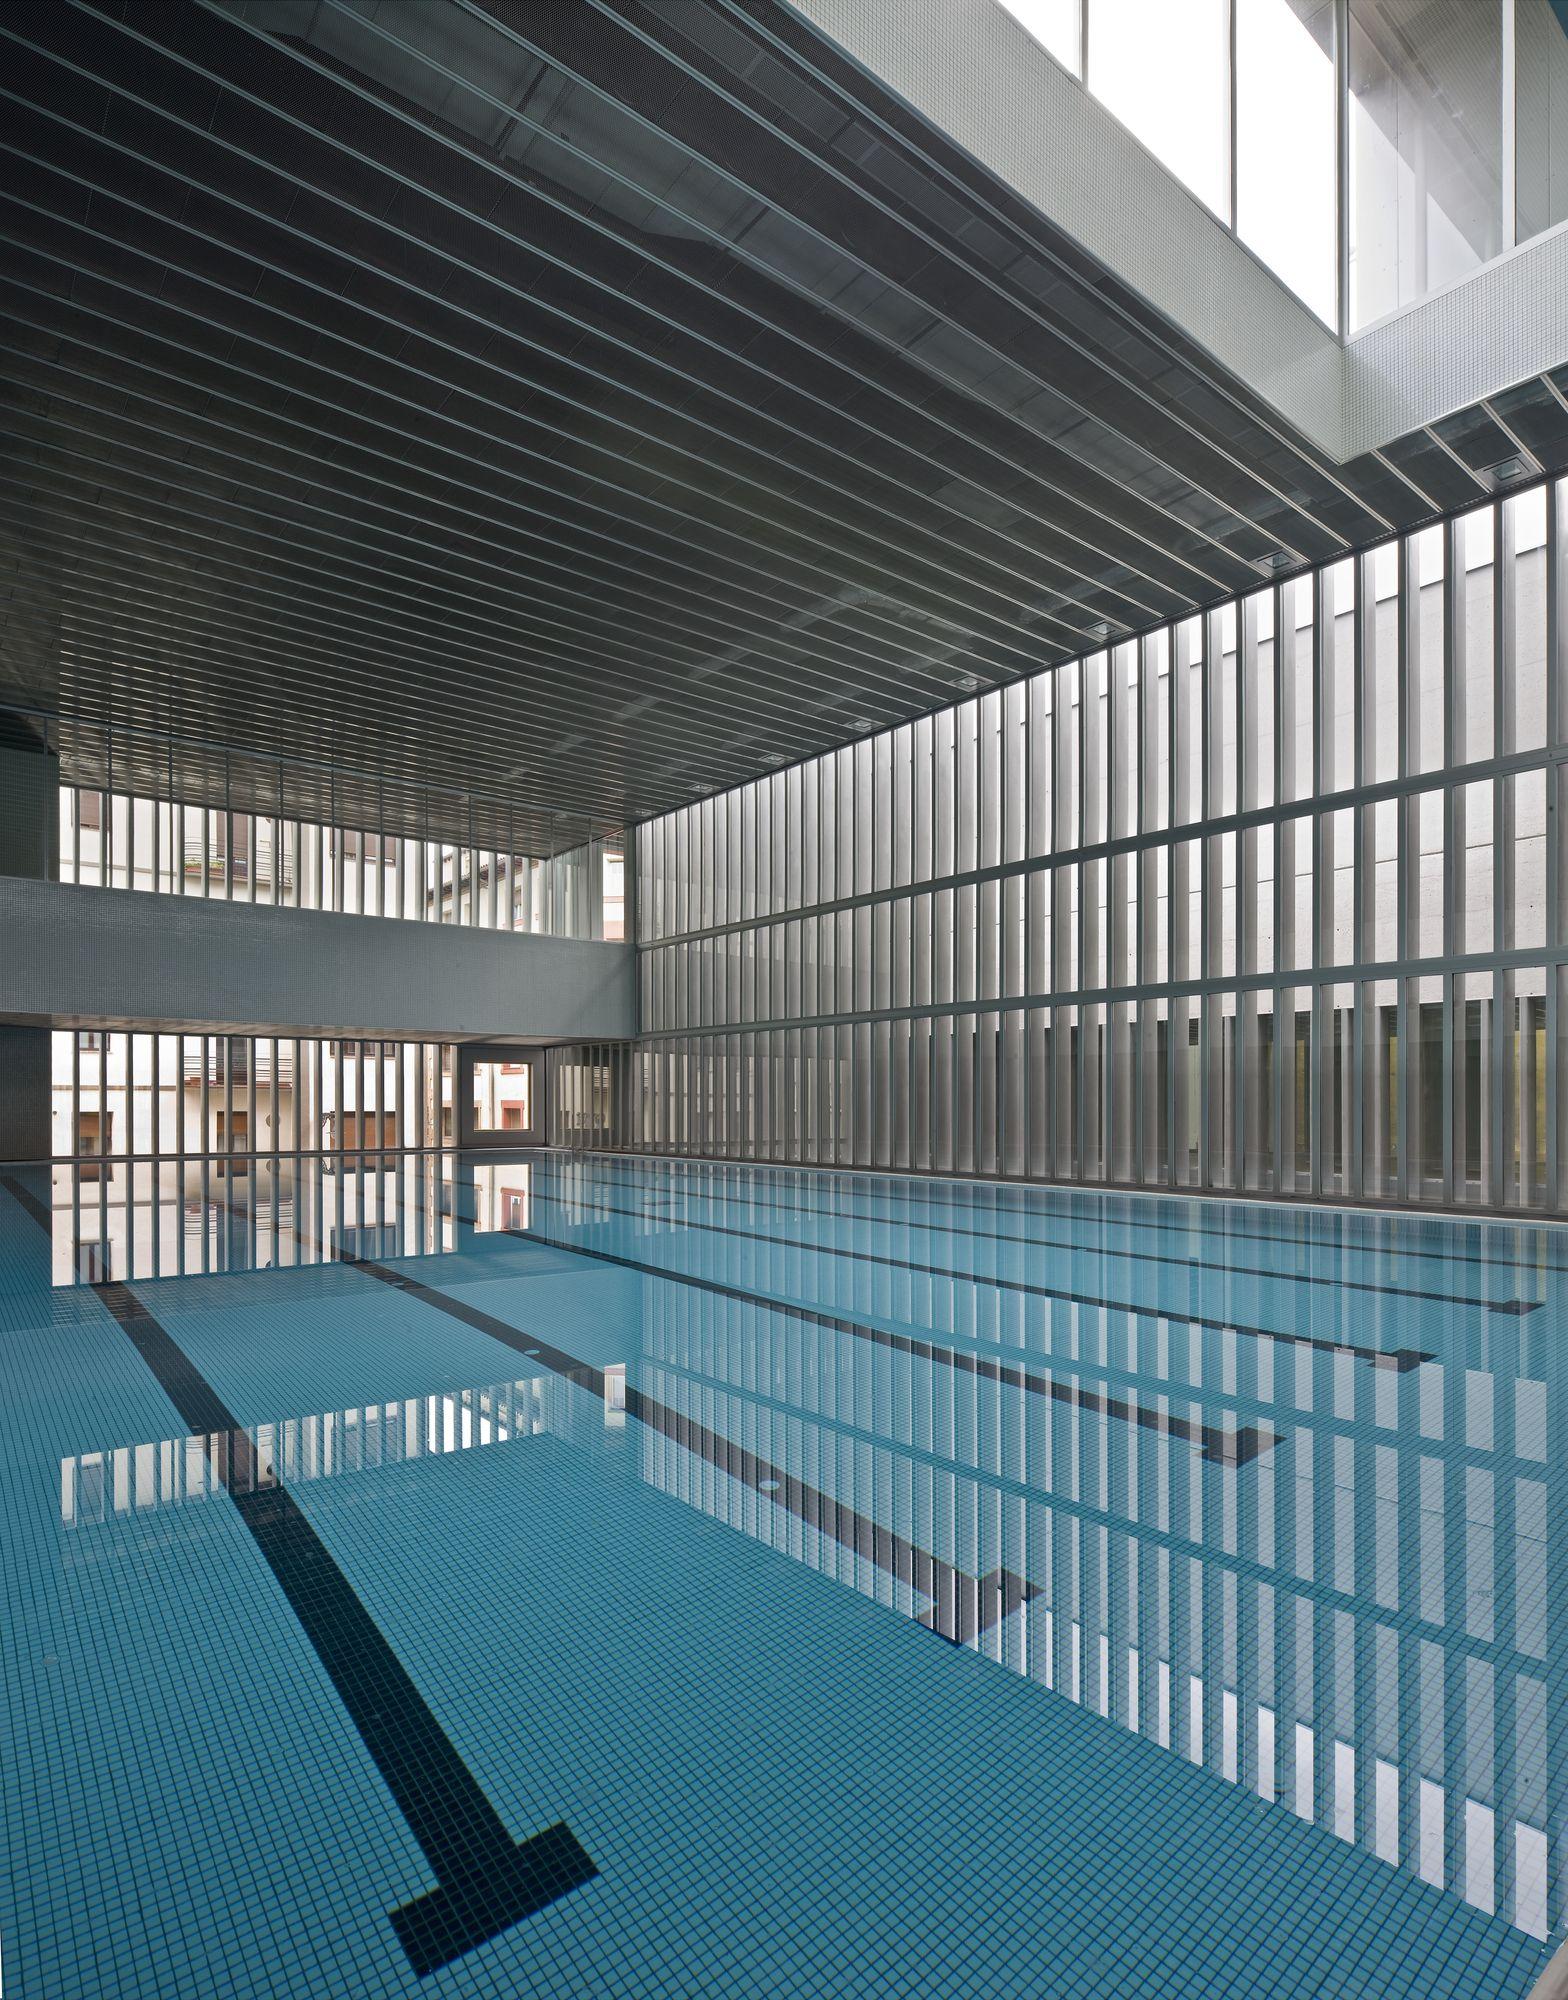 Galería - Centro Hidtrotermal Aquavox / Otxotorena - 9